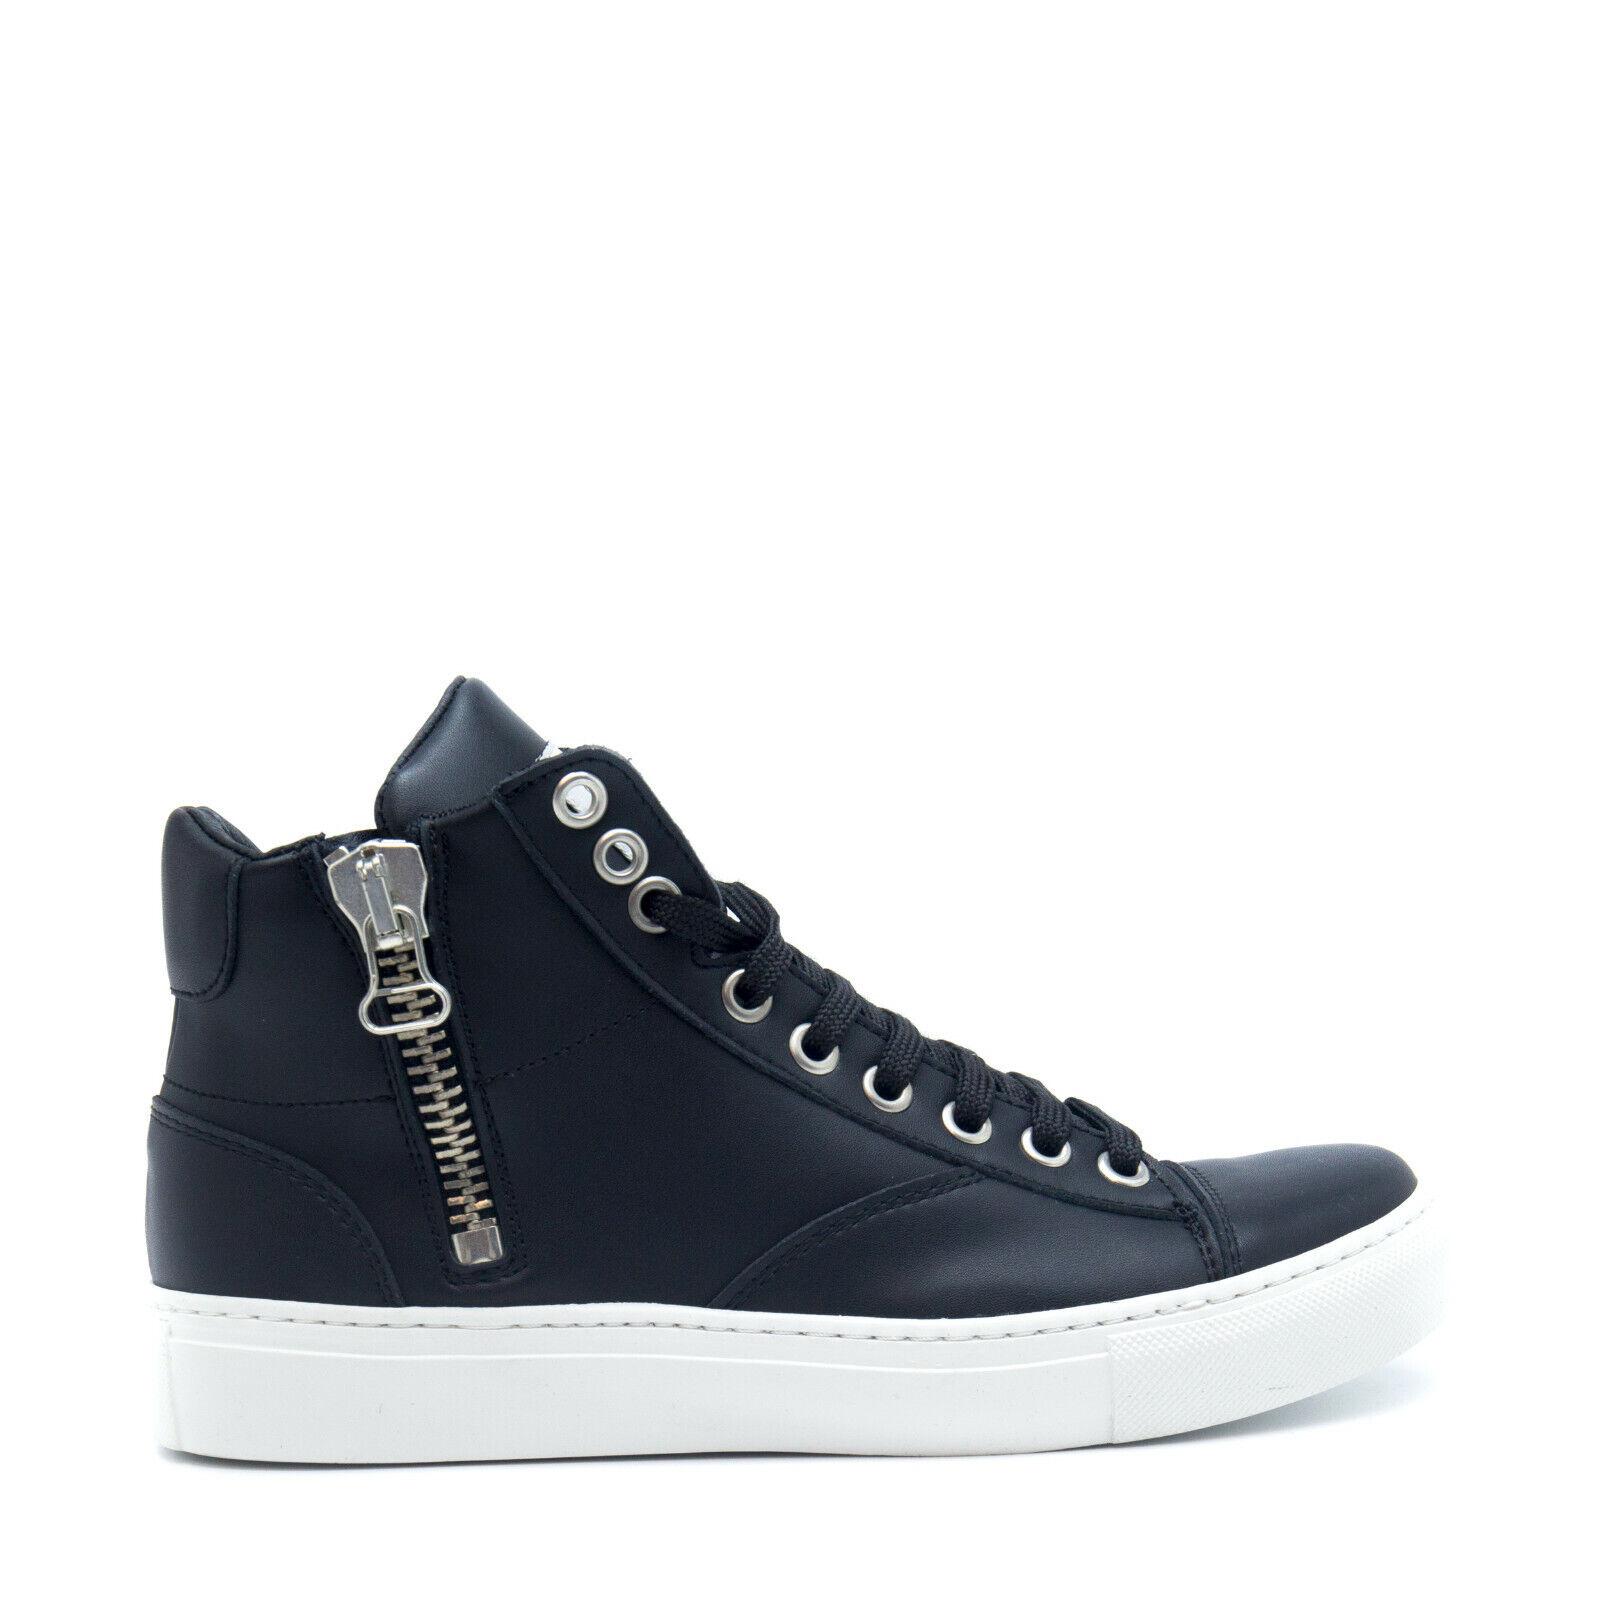 Vegan ankle sneakers laces & zip shoes vegan ankle zipper laces